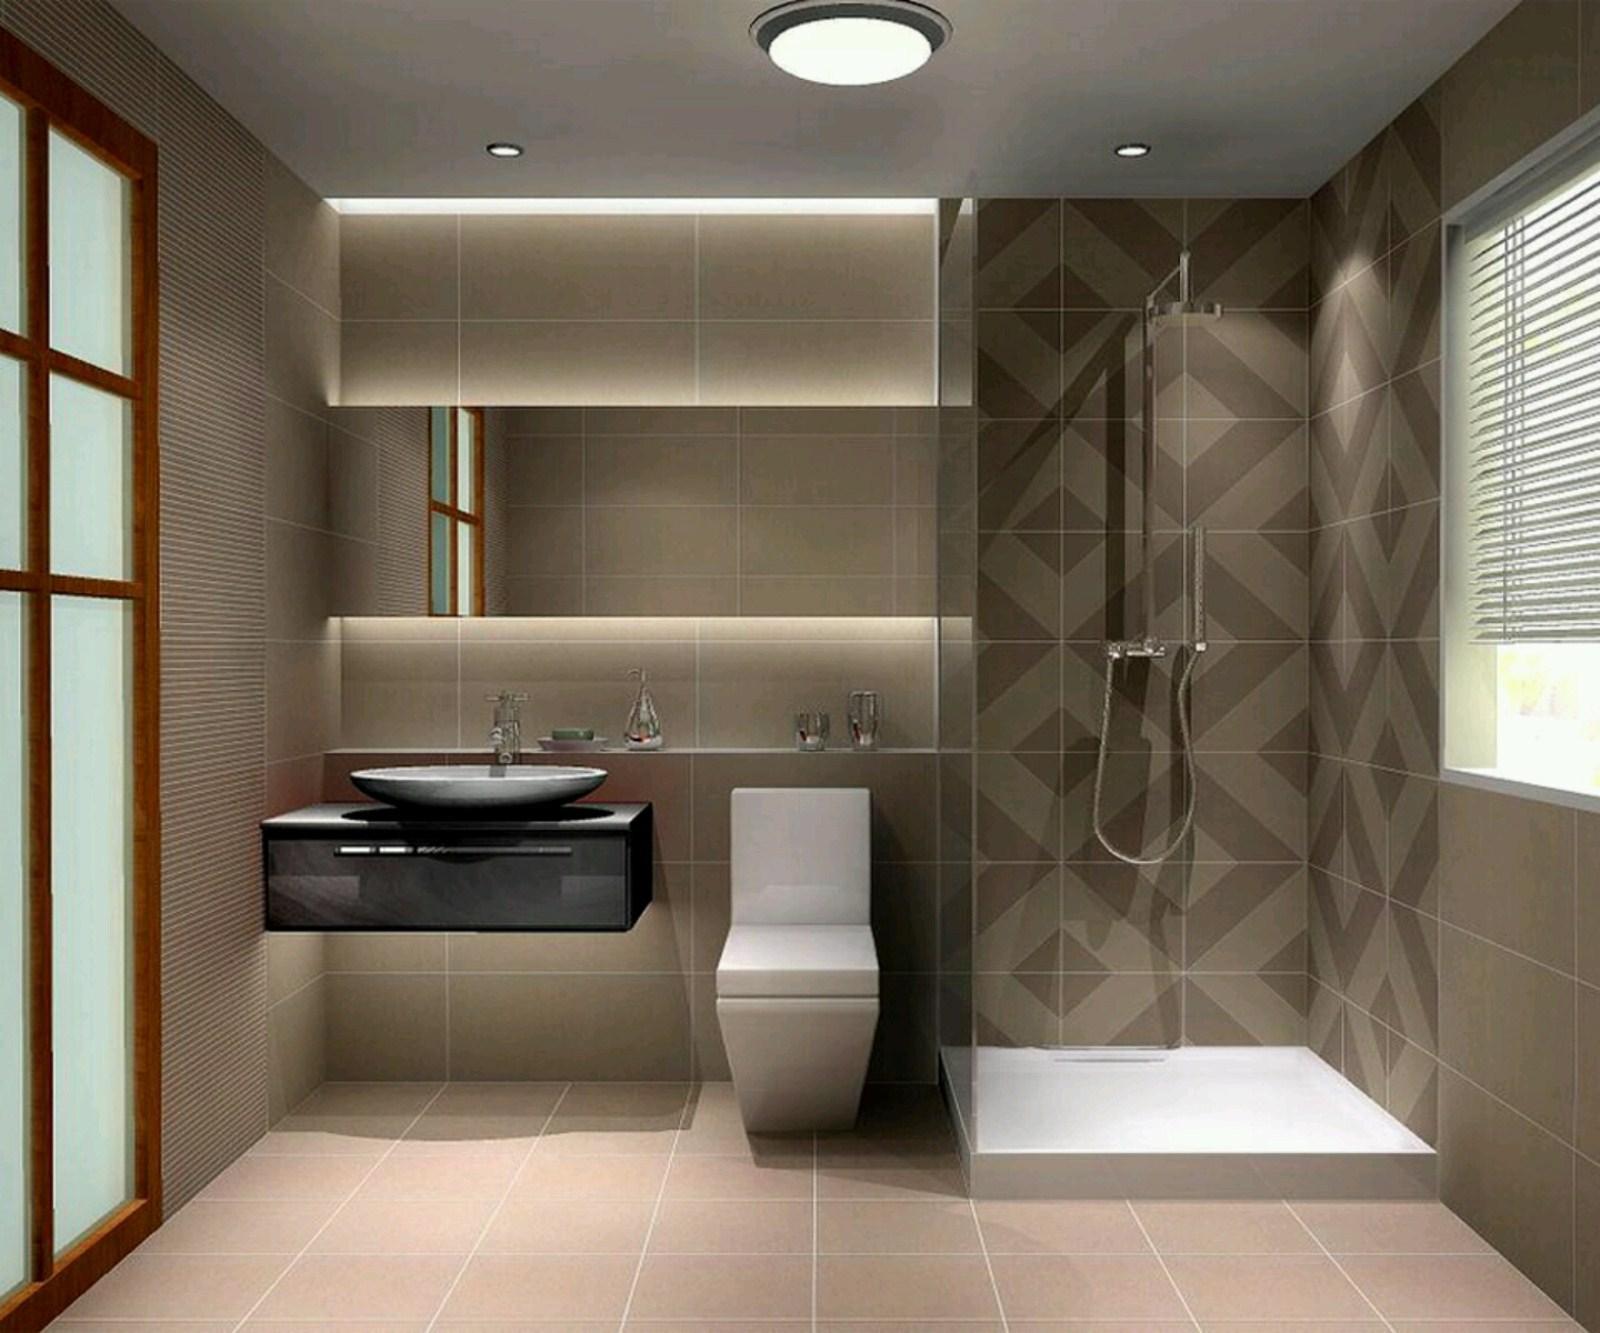 اجمل ديكور حمامات سيراميك احدث التصميمات الخاصة بالحمامات السيراميك مجلة رجيم